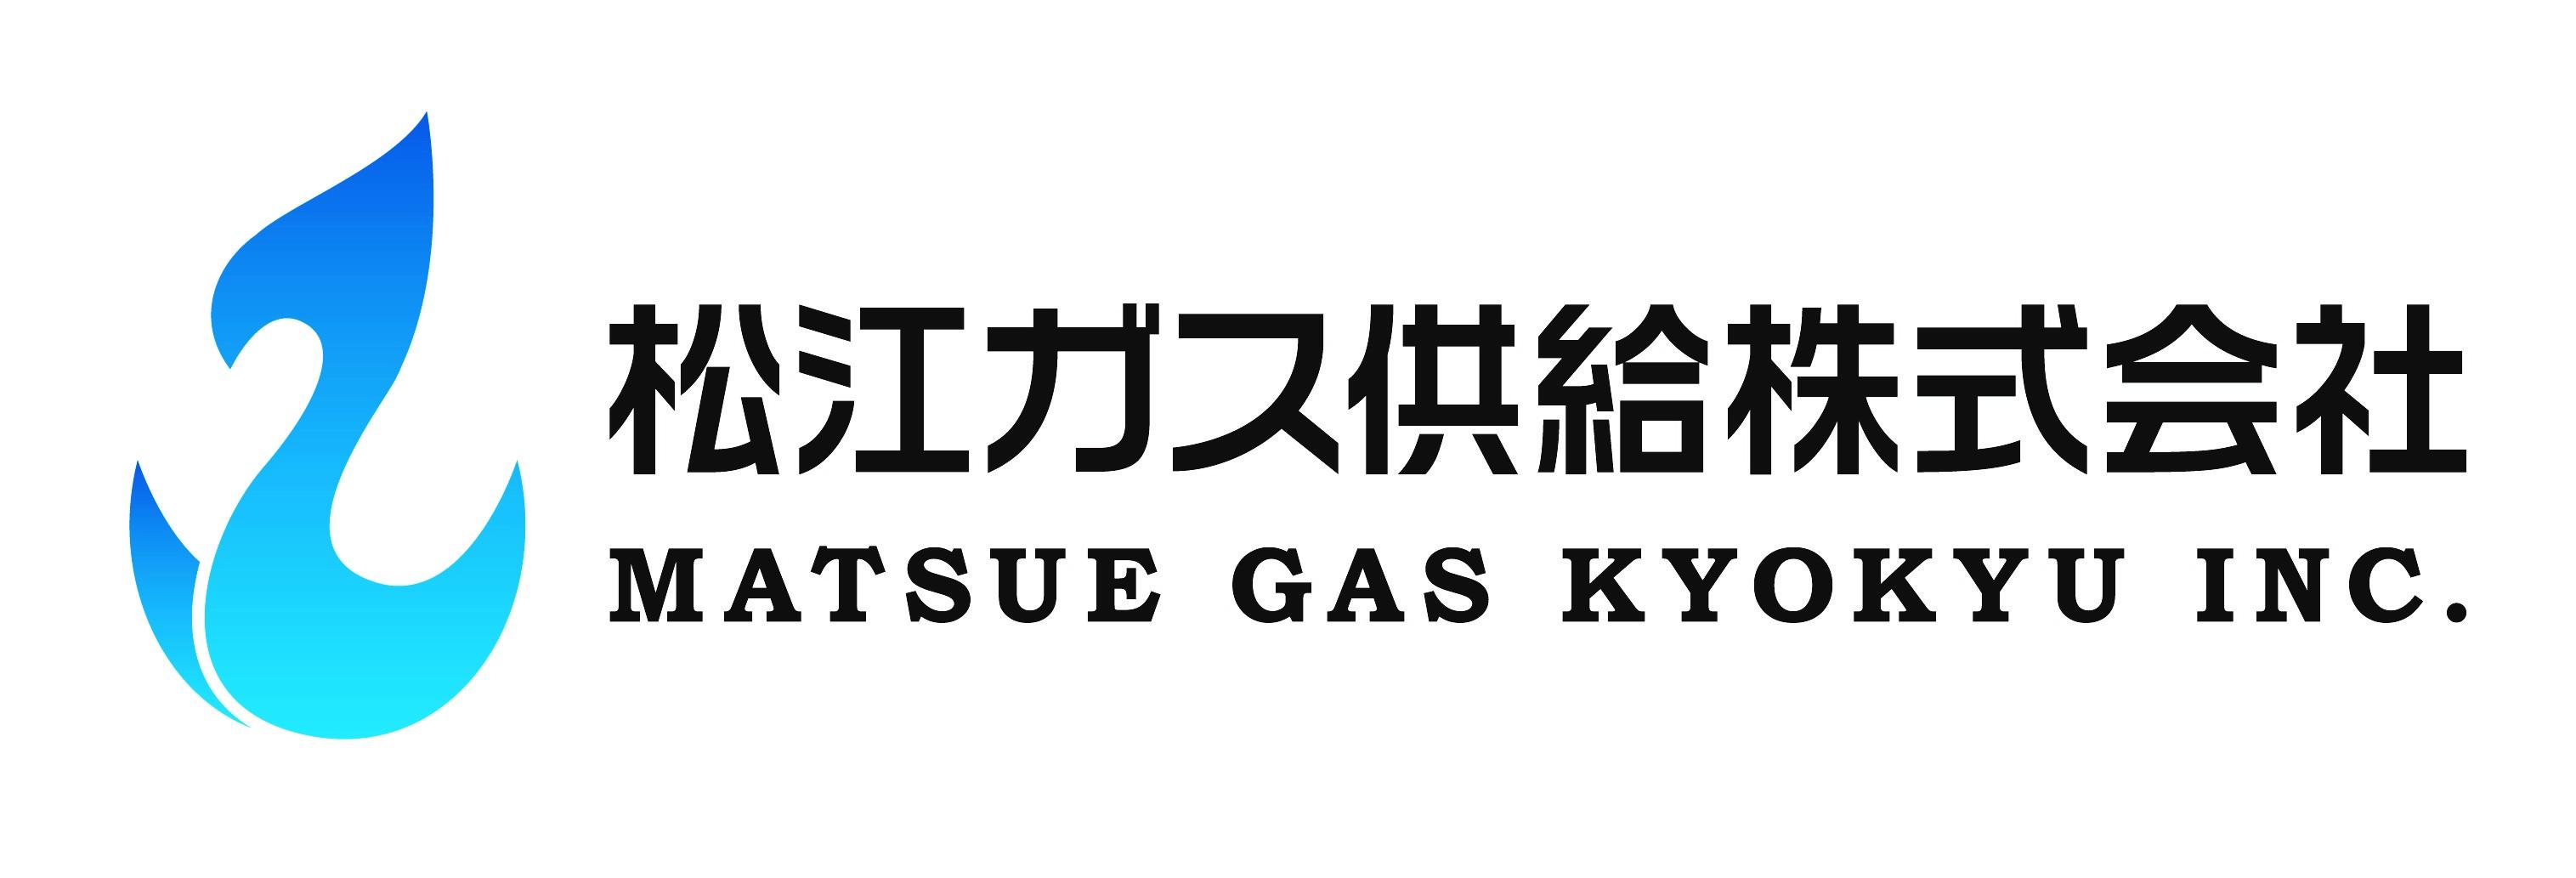 松江ガス供給株式会社